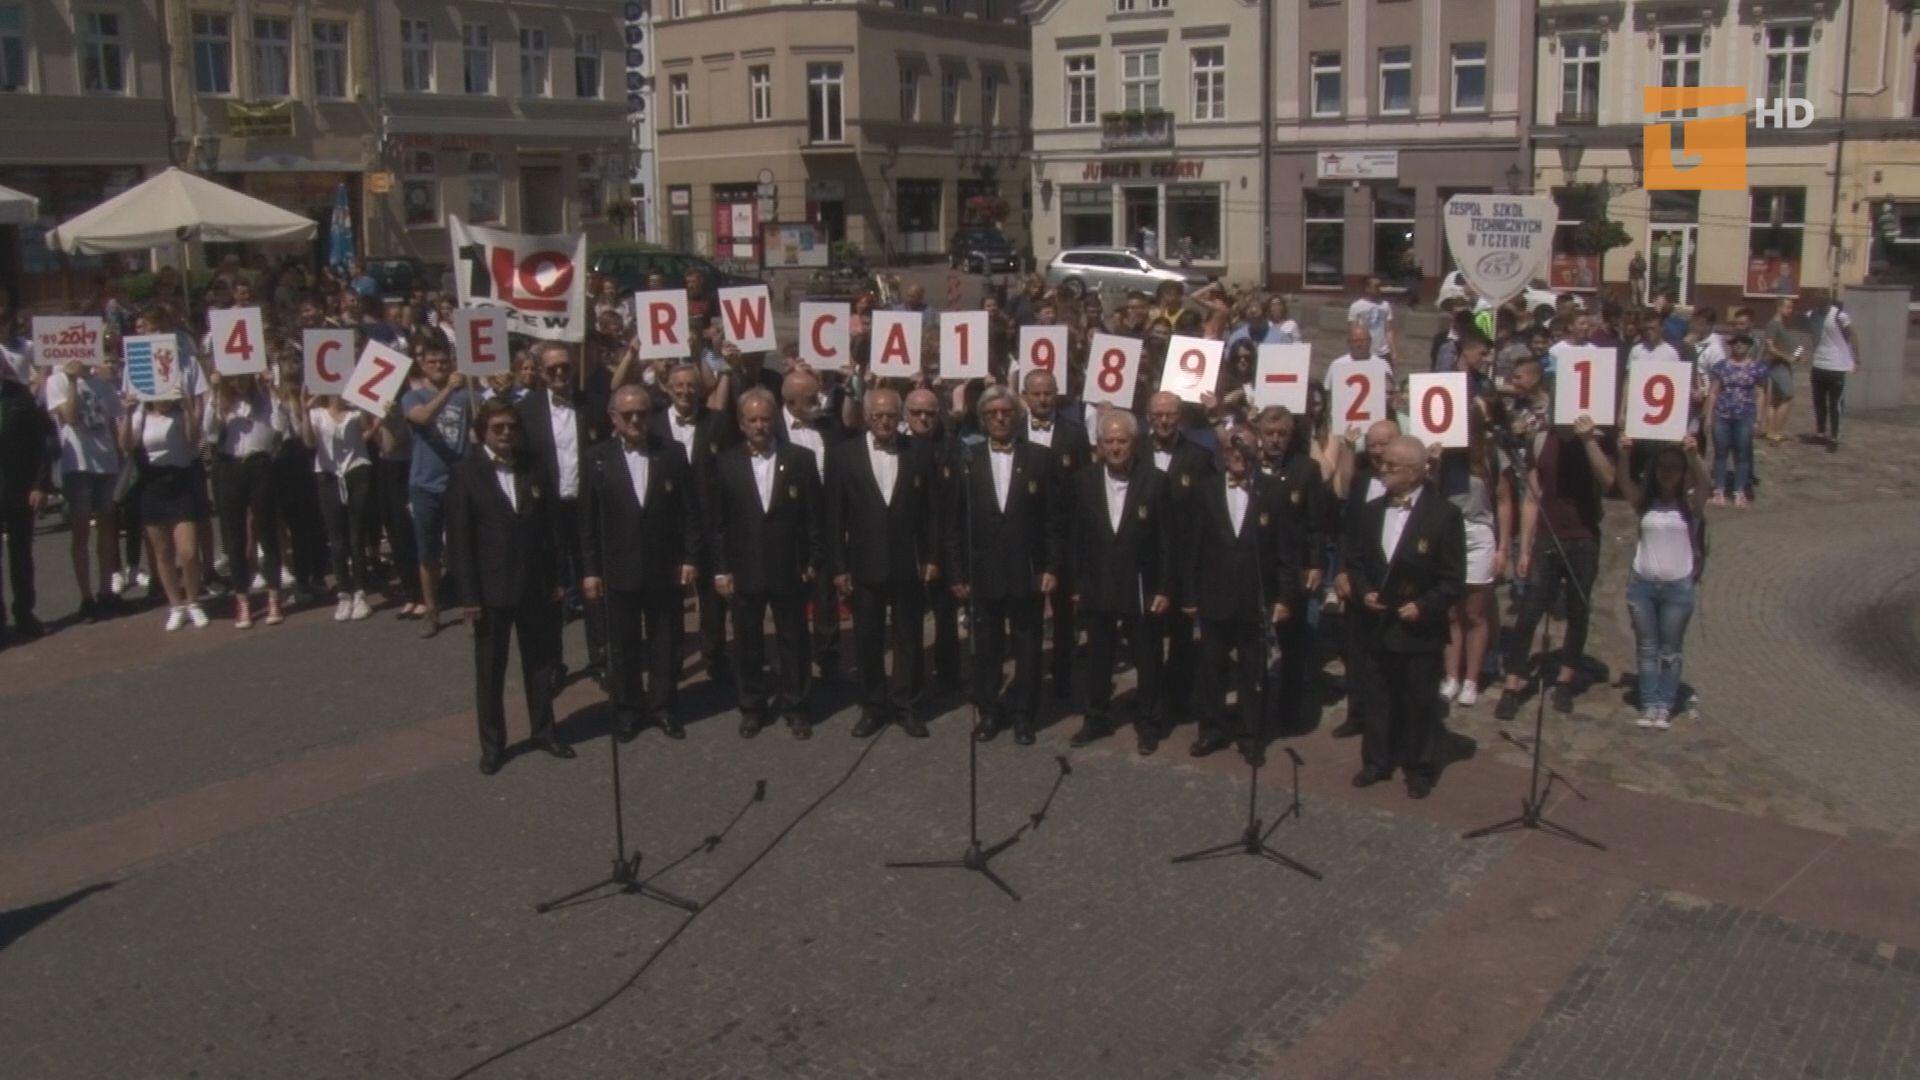 Tczewianie odśpiewali hymn i robili sobie zdjęcia na pamiątkę Święta Wolności i Solidarności